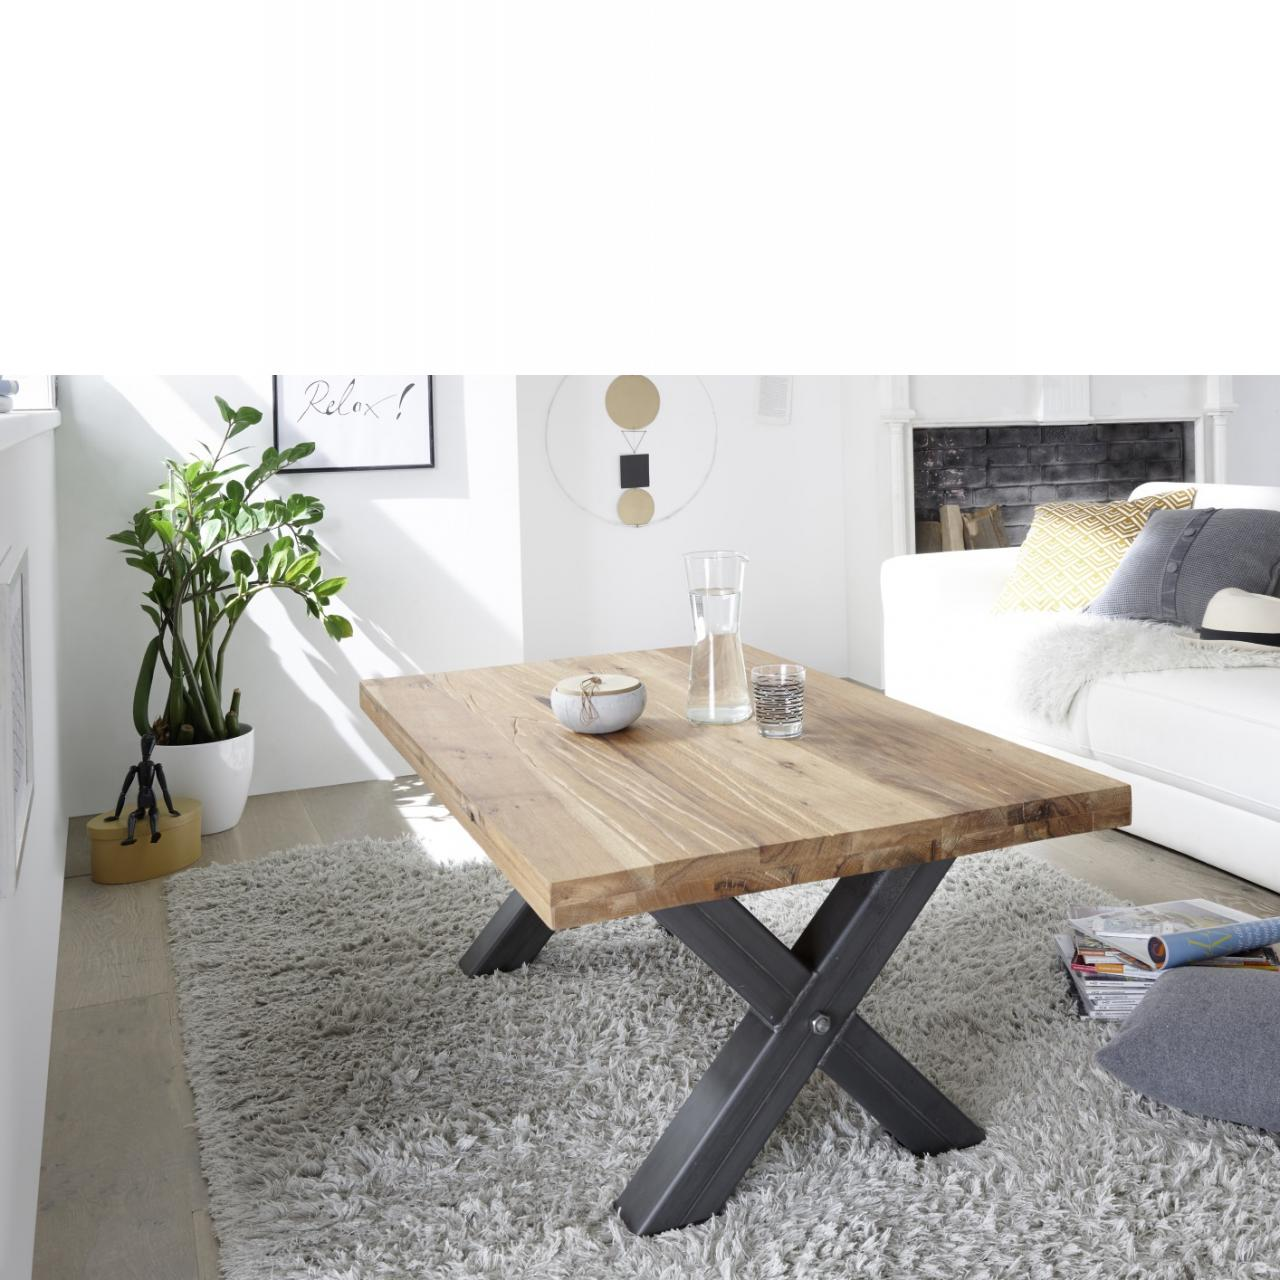 couchtisch andro couchtische wohnzimmerm bel wohnen m bel j hnichen center gmbh. Black Bedroom Furniture Sets. Home Design Ideas